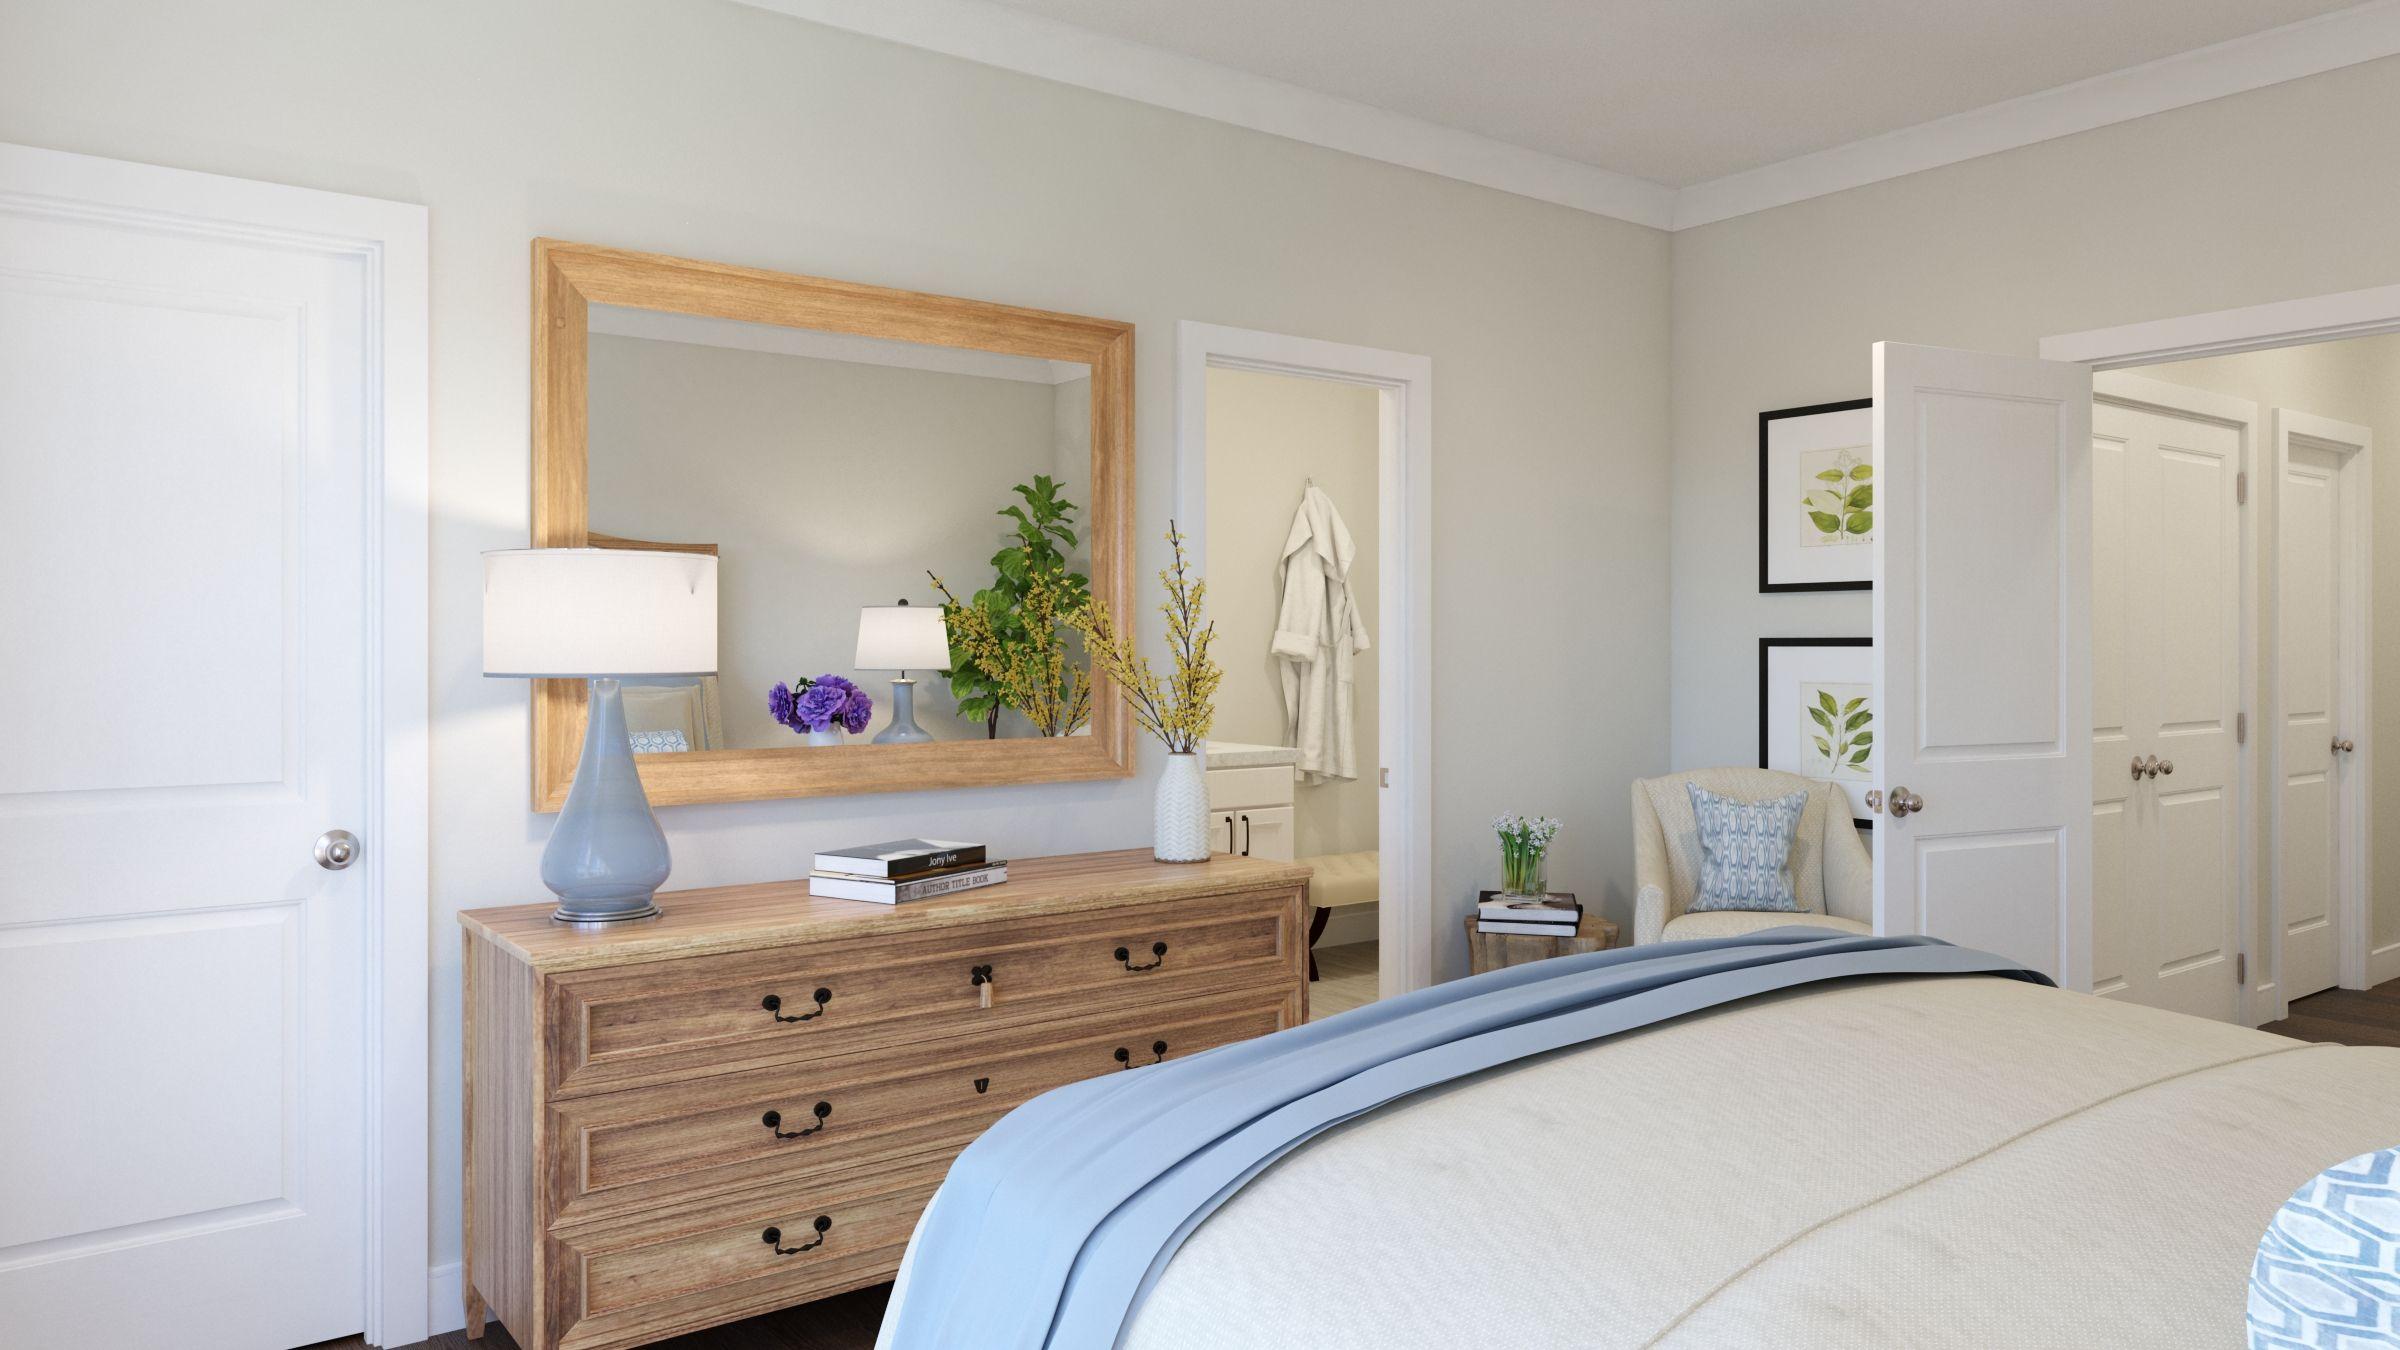 Bedroom featured in the Tiegan By Van Metre Homes in Washington, VA